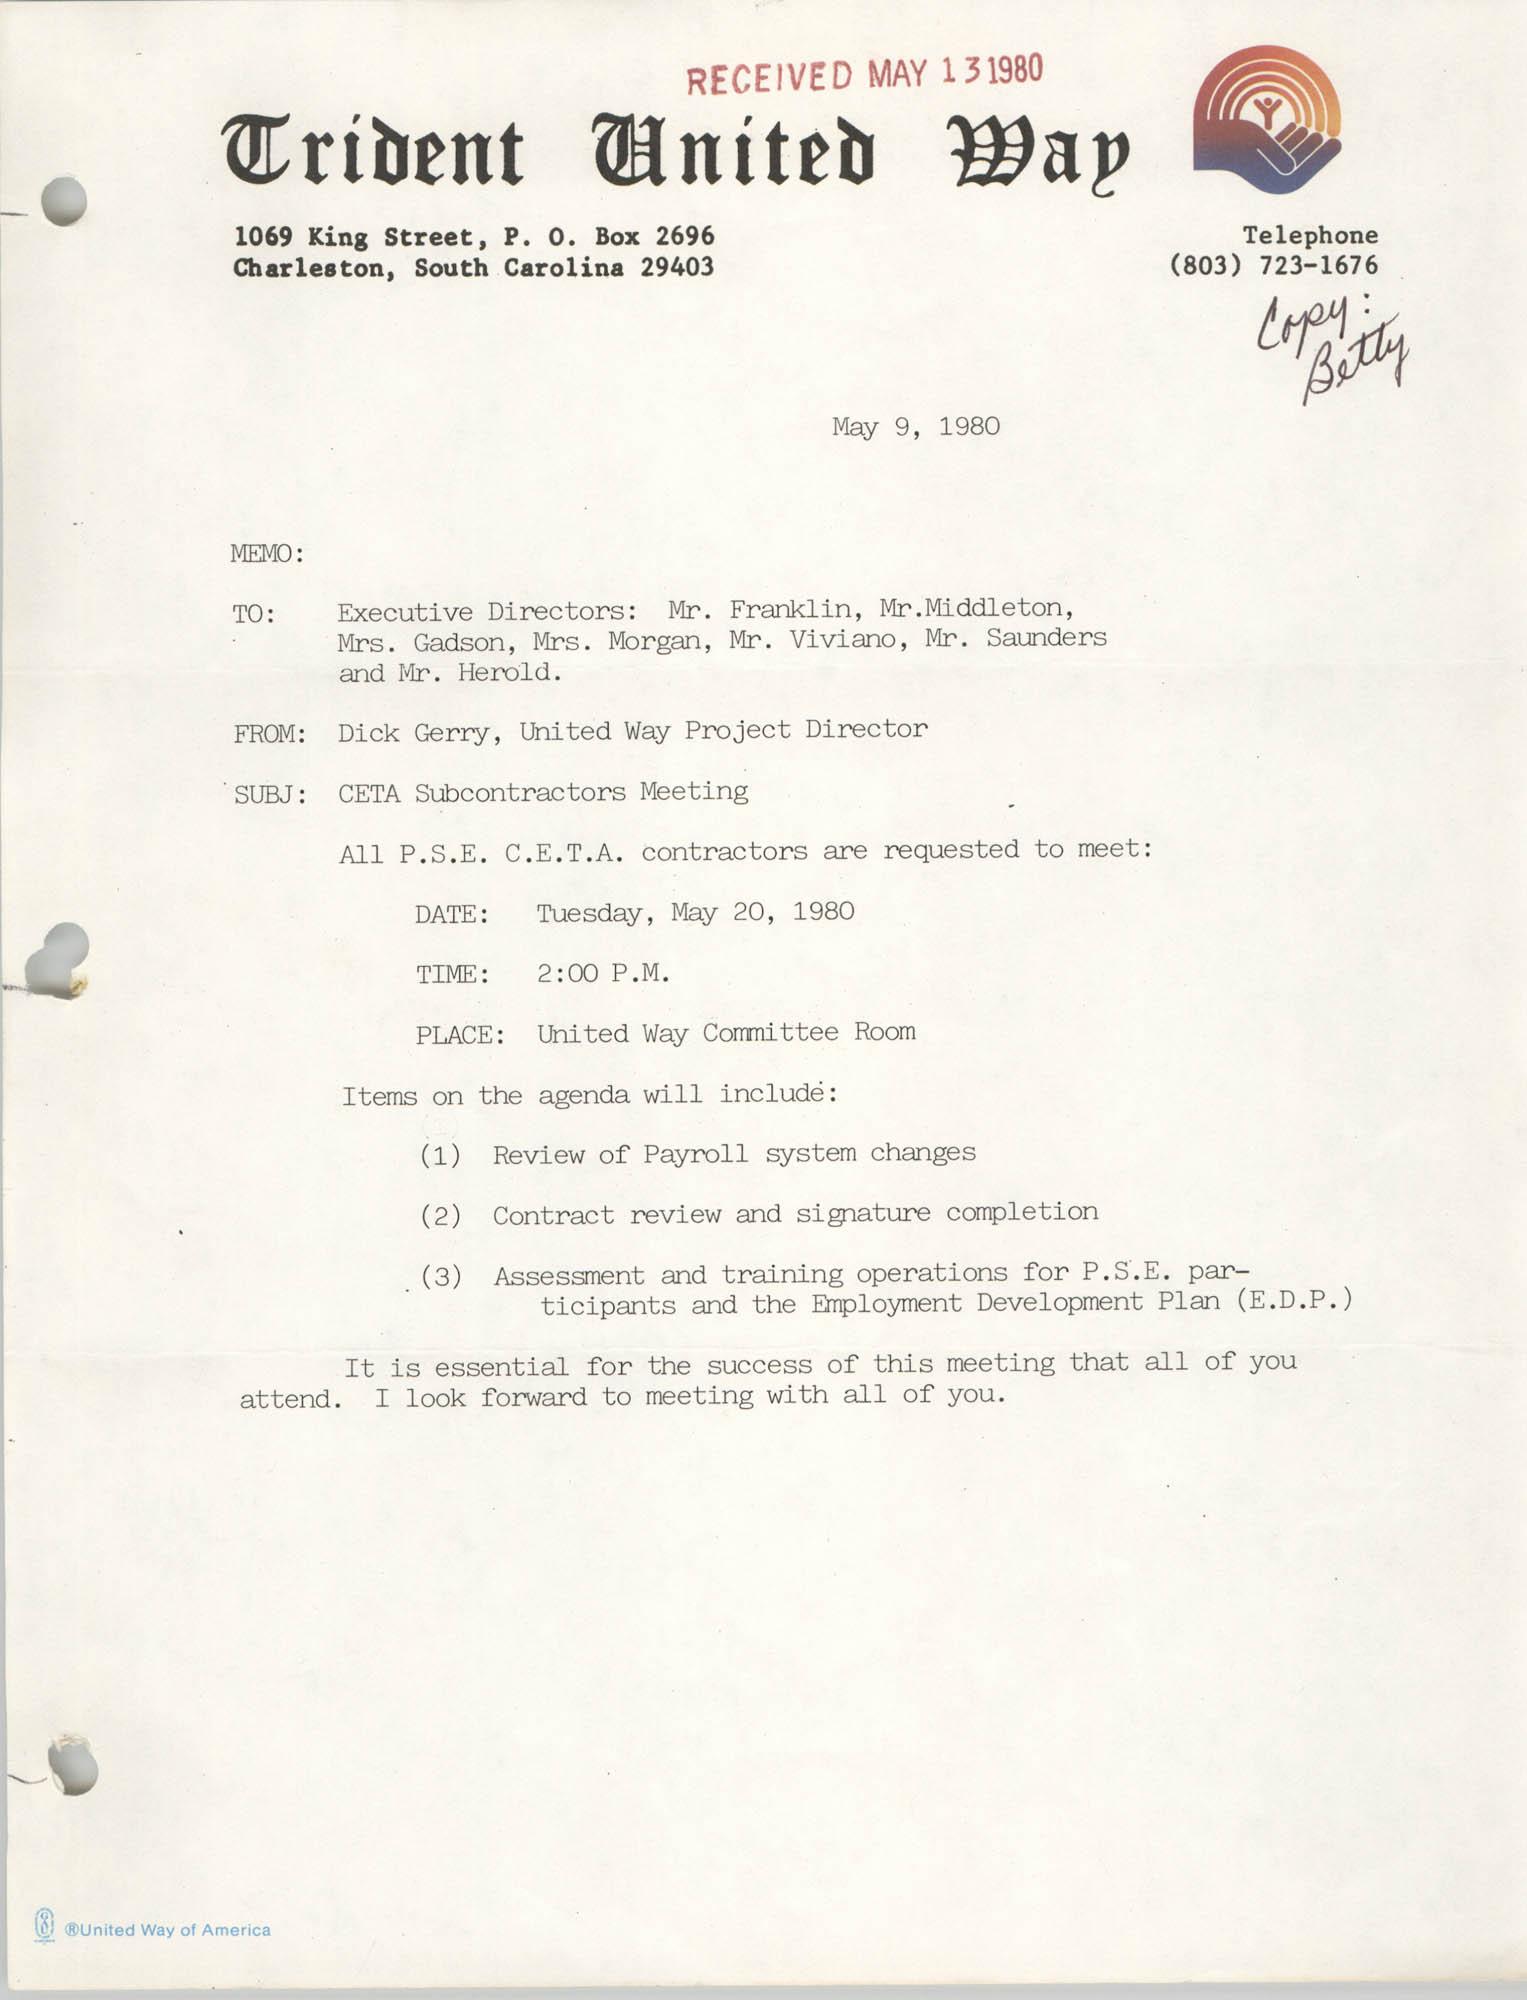 Trident United Way Memorandum, May 9, 1980